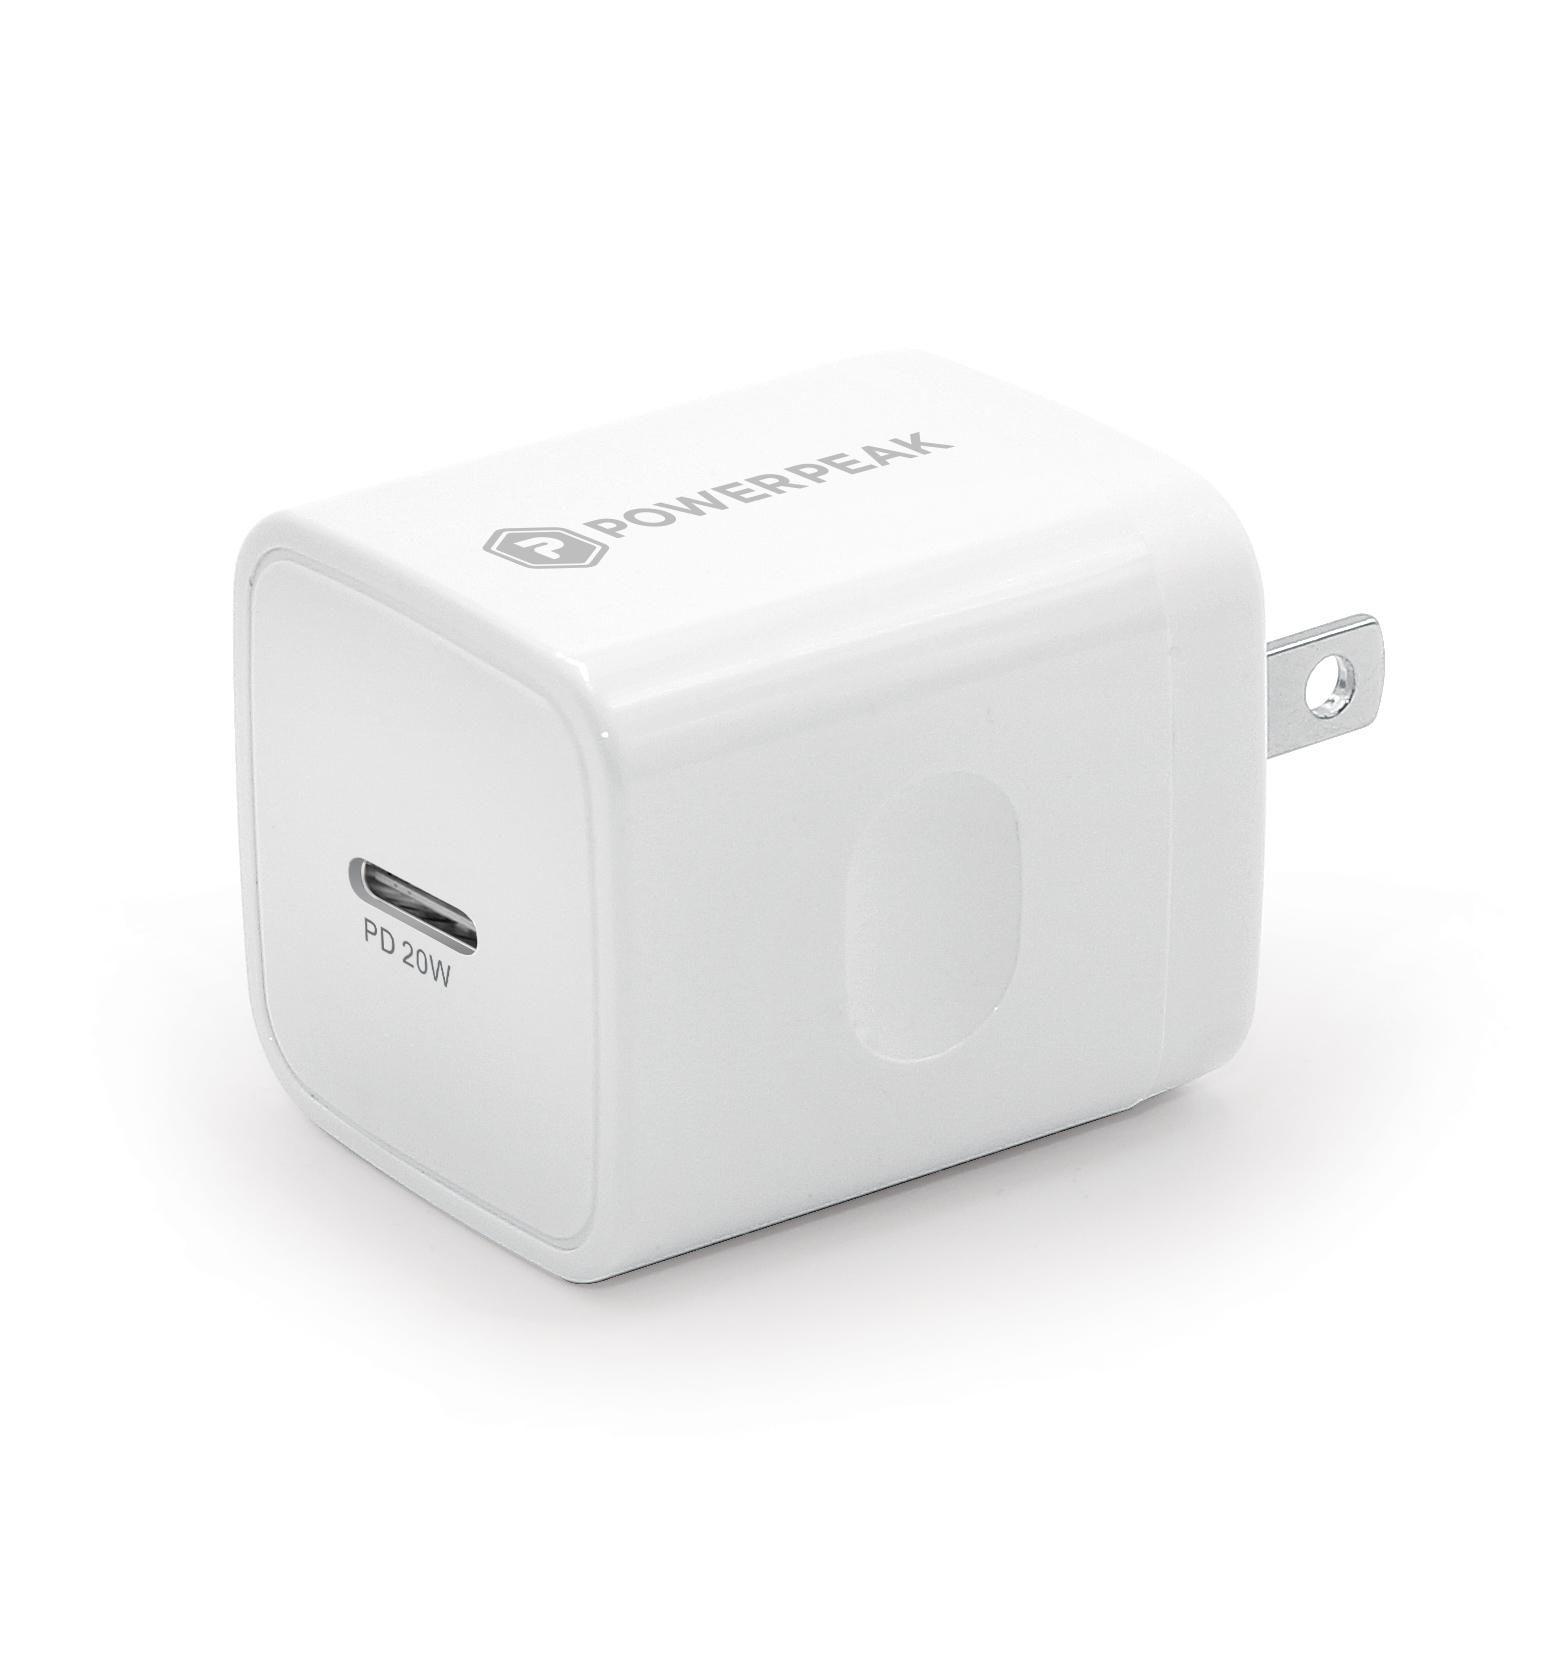 Powerpeak 20W USB-C Power Adapter PD